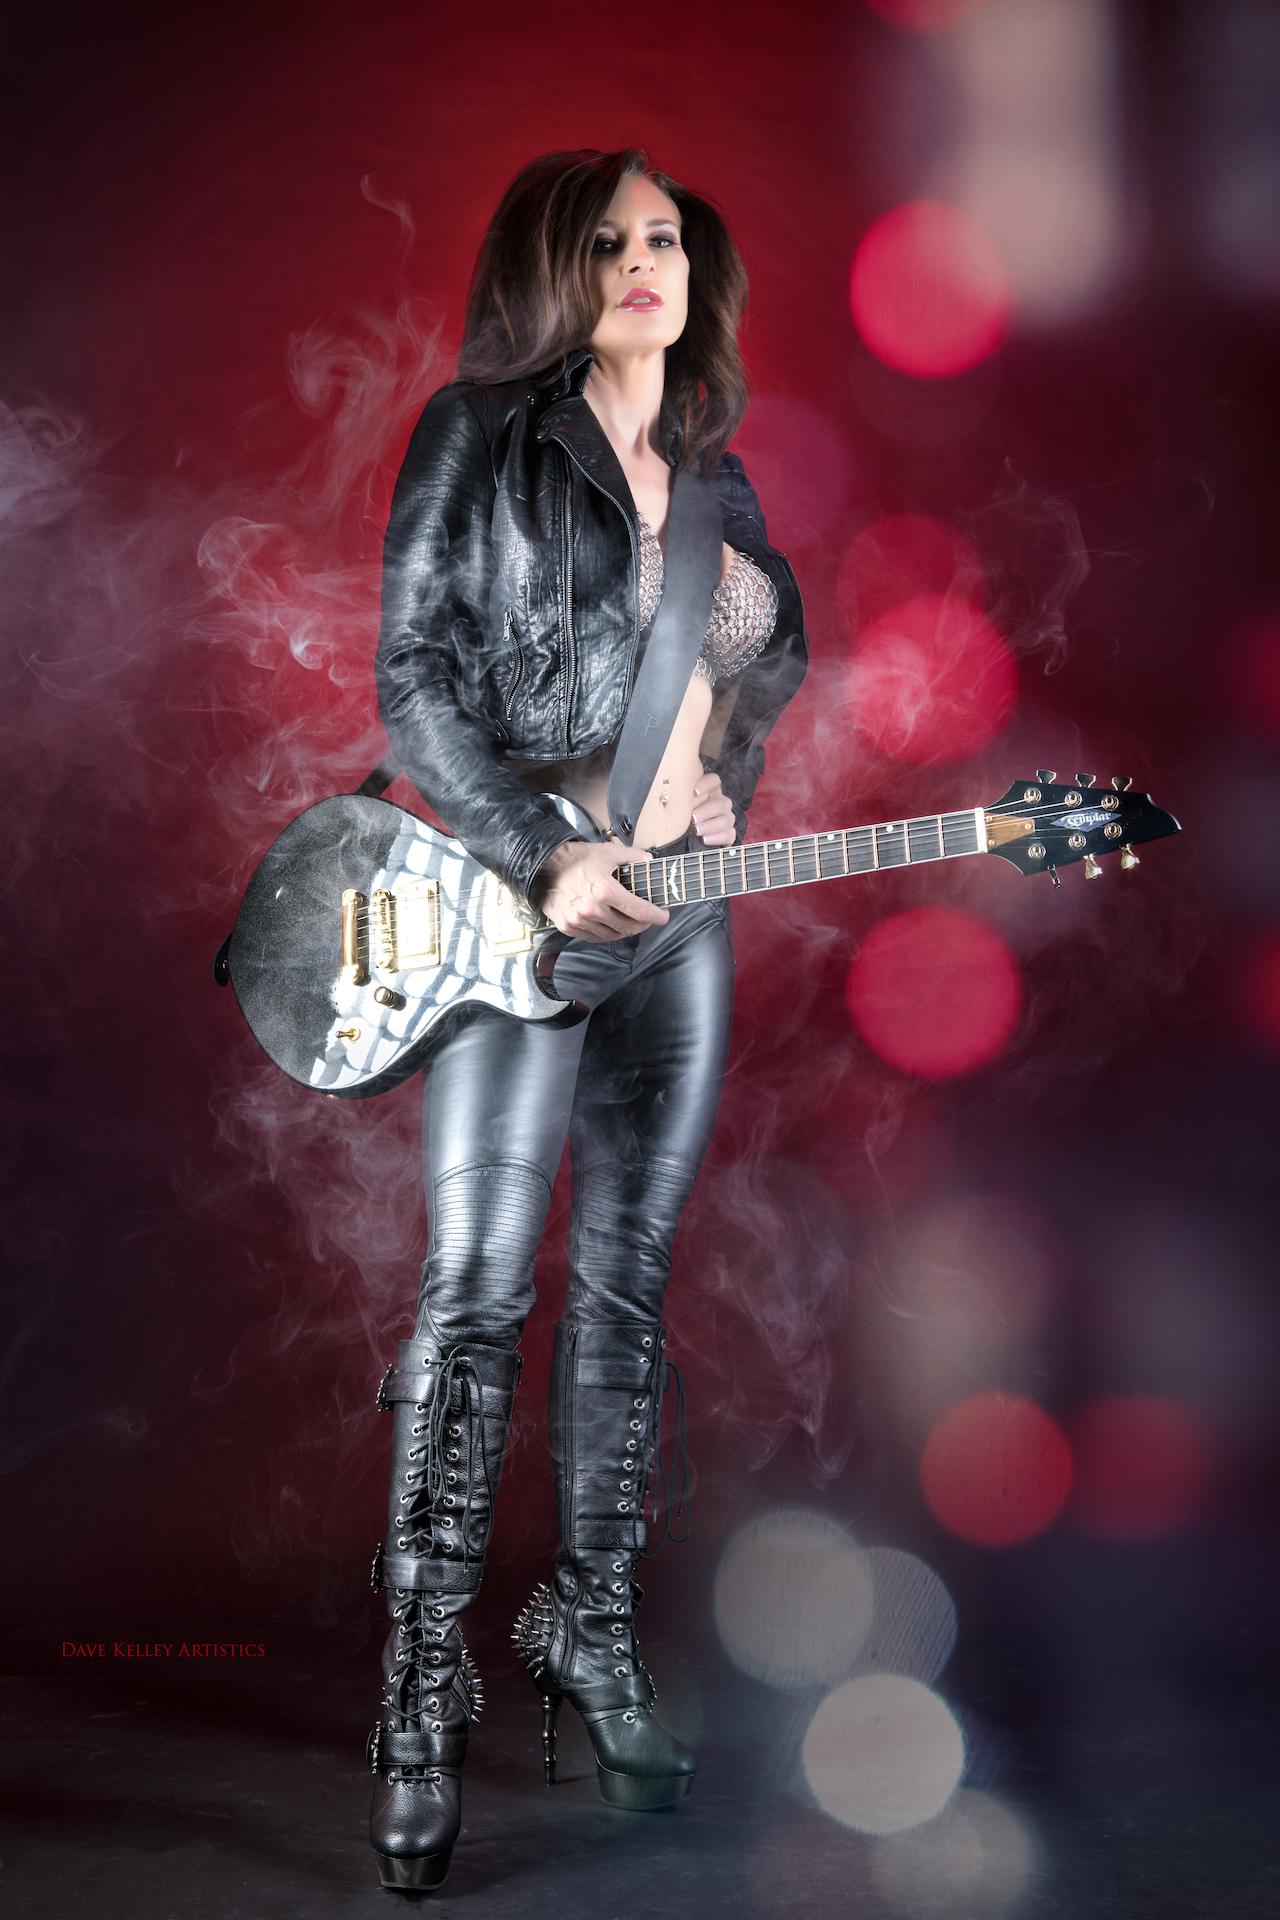 Guitar0117templar-cassandraH - IMGL3874-Edit.jpg